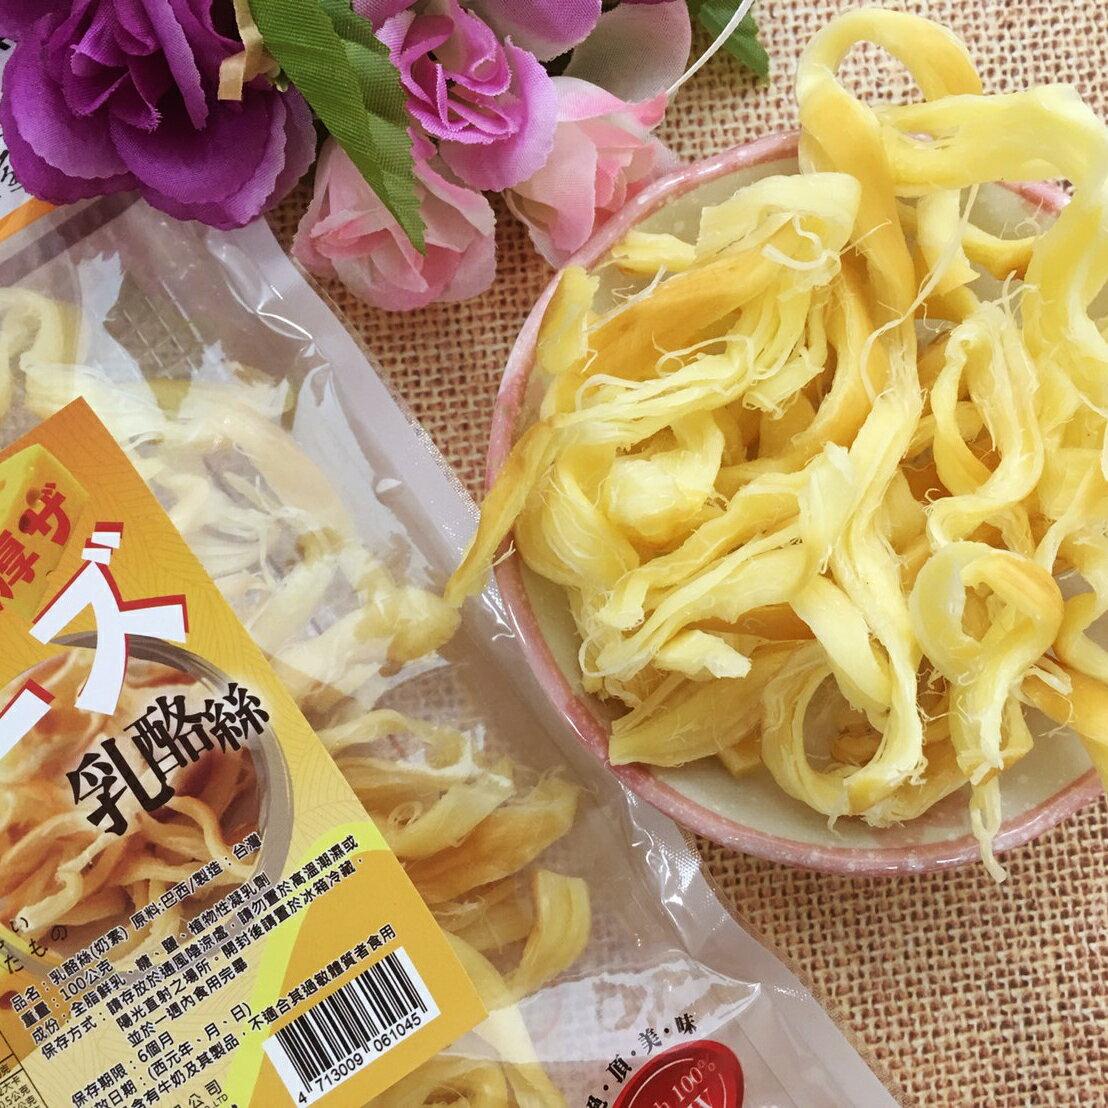 【正心堂】特濃乳酪絲 100克 煙燻乳酪 北海道風味乳酪 超濃牛奶 濃郁起司 乳酪 乳酪絲▶年貨大街 牛年必買年貨